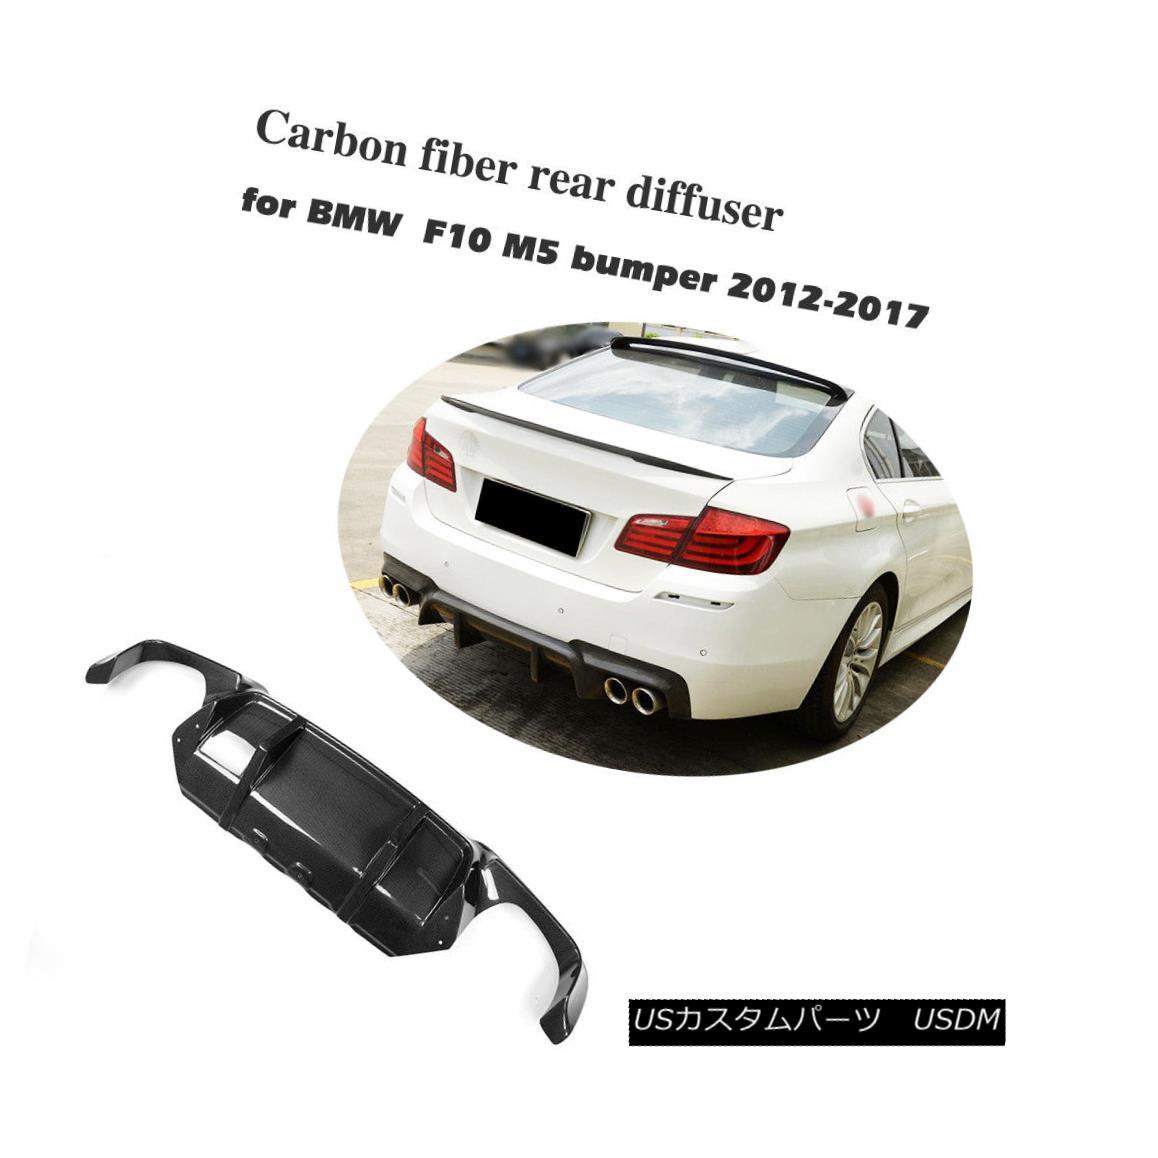 エアロパーツ Carbon Fiber Rear Bumper Lip Lower Diffuser Bodykit Fit for BMW F10 M5 12-17 カーボンファイバーリアバンパーリップディフューザーボディキットは、BMW F10 M5 12-17に適合